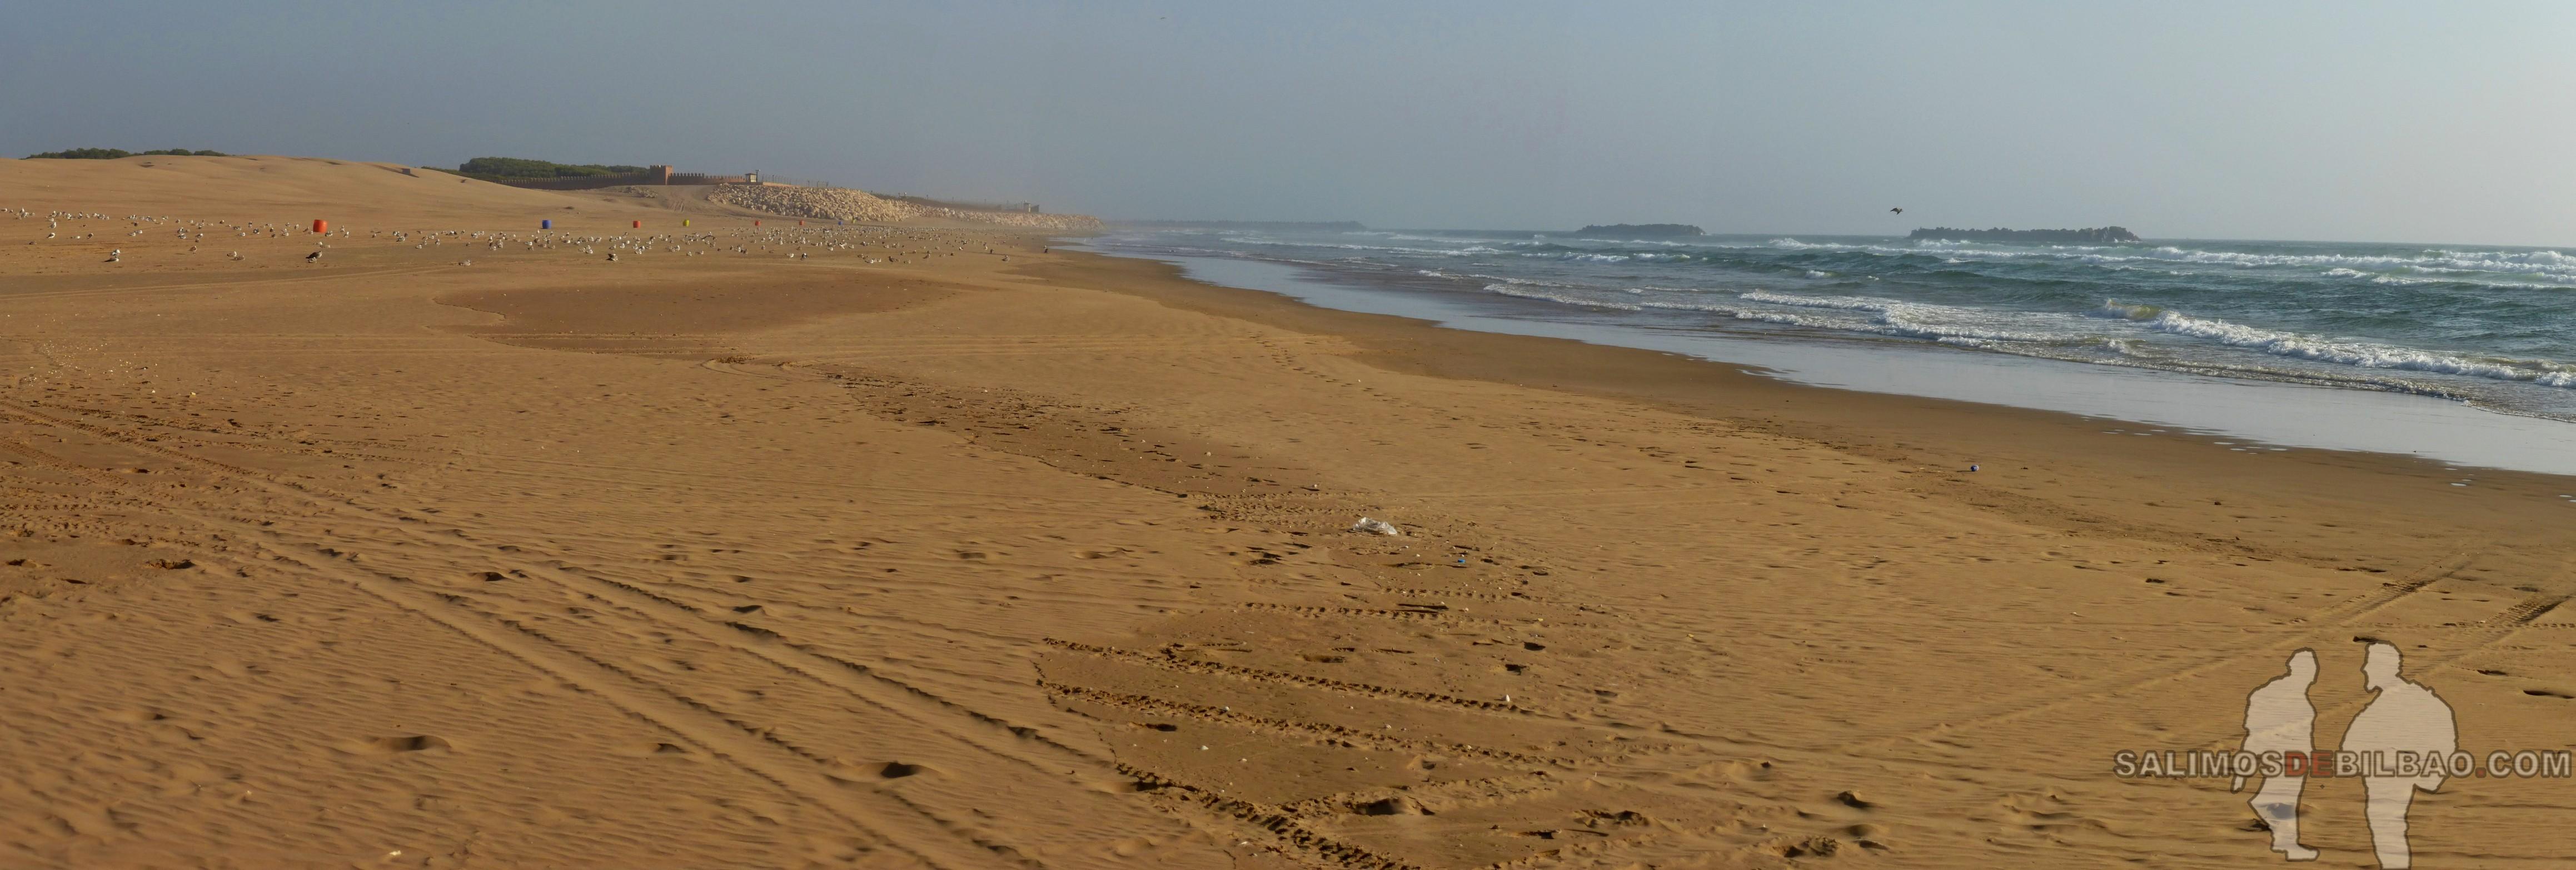 457. Pano, Playa de Agadir